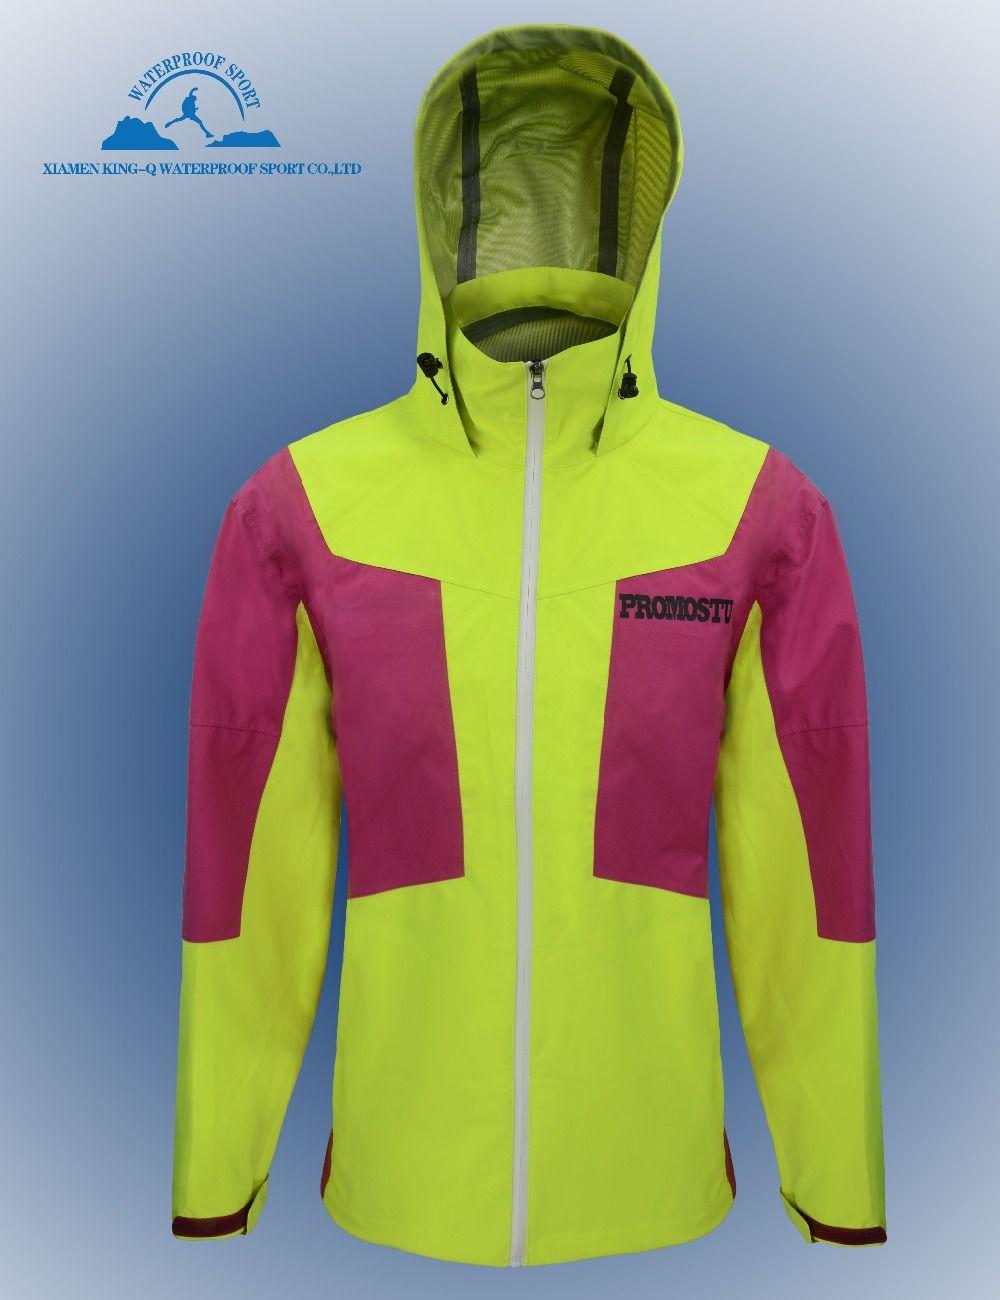 2017 quality waterproof sport Jacket women Windproof